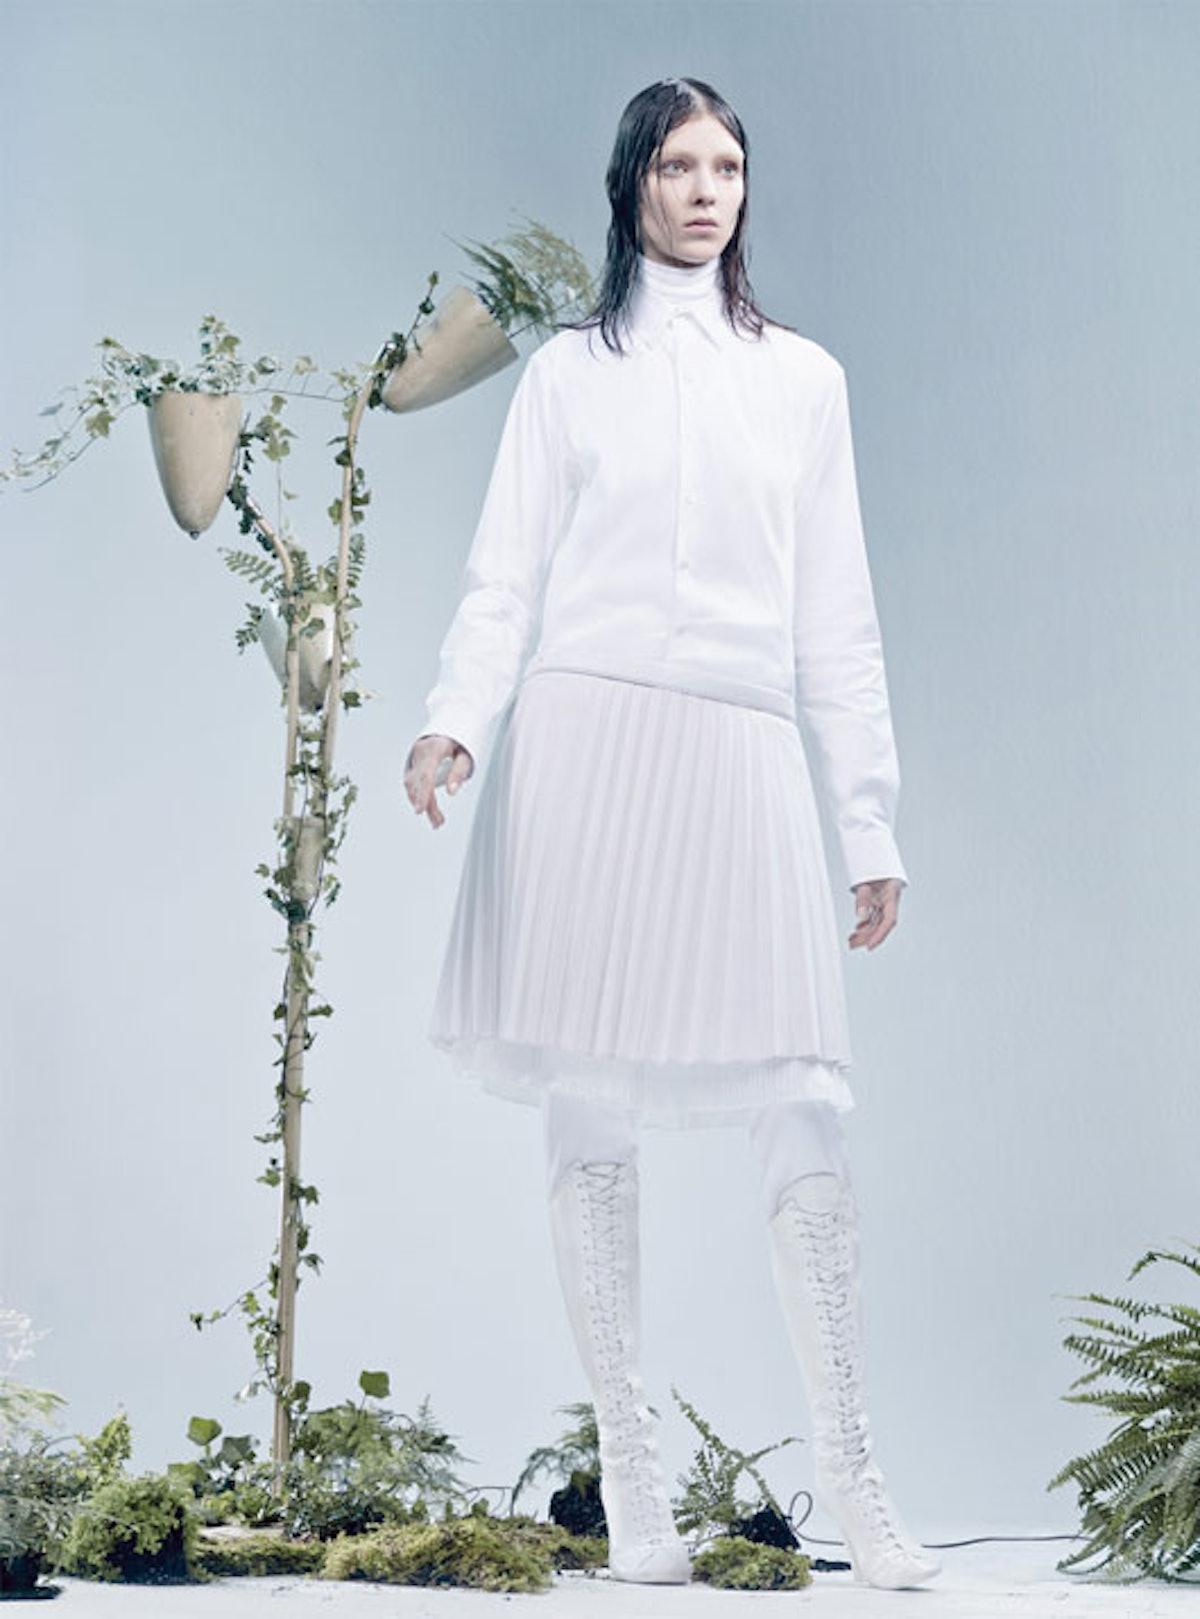 fass-craig-mcdean-spring-whites-03-l.jpg